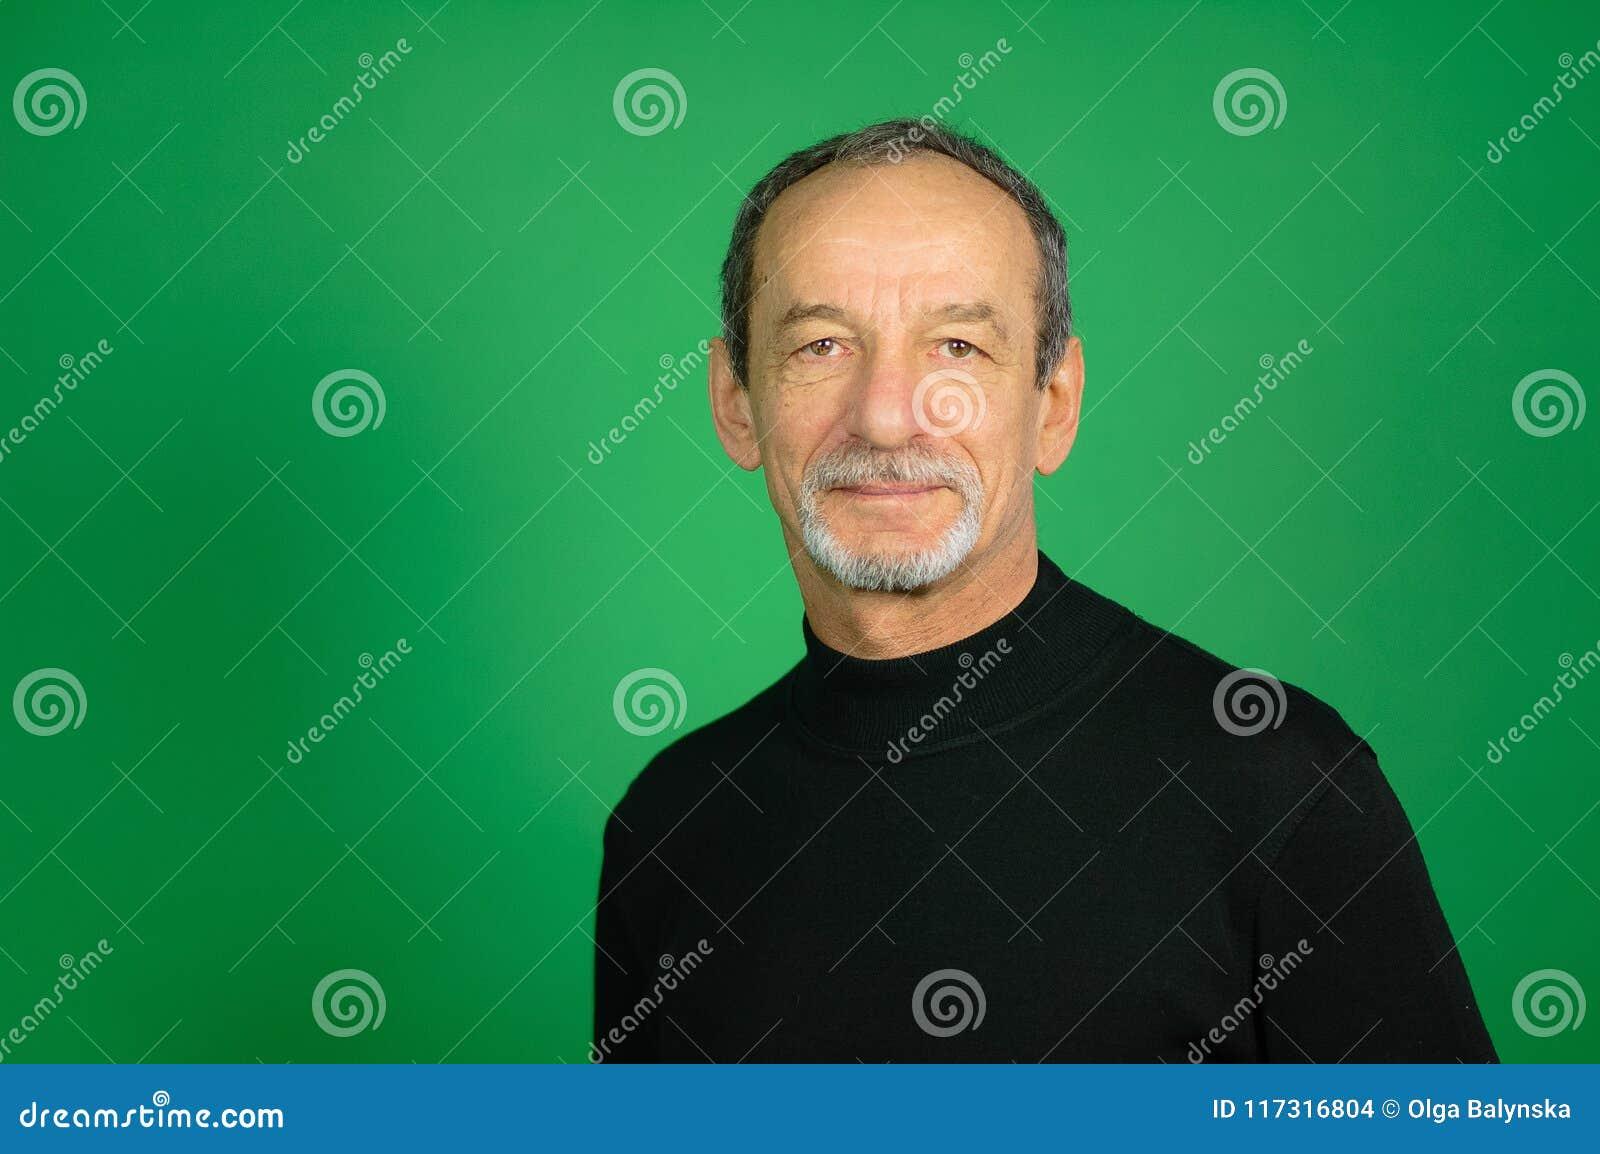 Tiro del estudio de la cara masculina del hombre mayor con la barba Bien-arreglada y de Gray Hair en un fondo verde